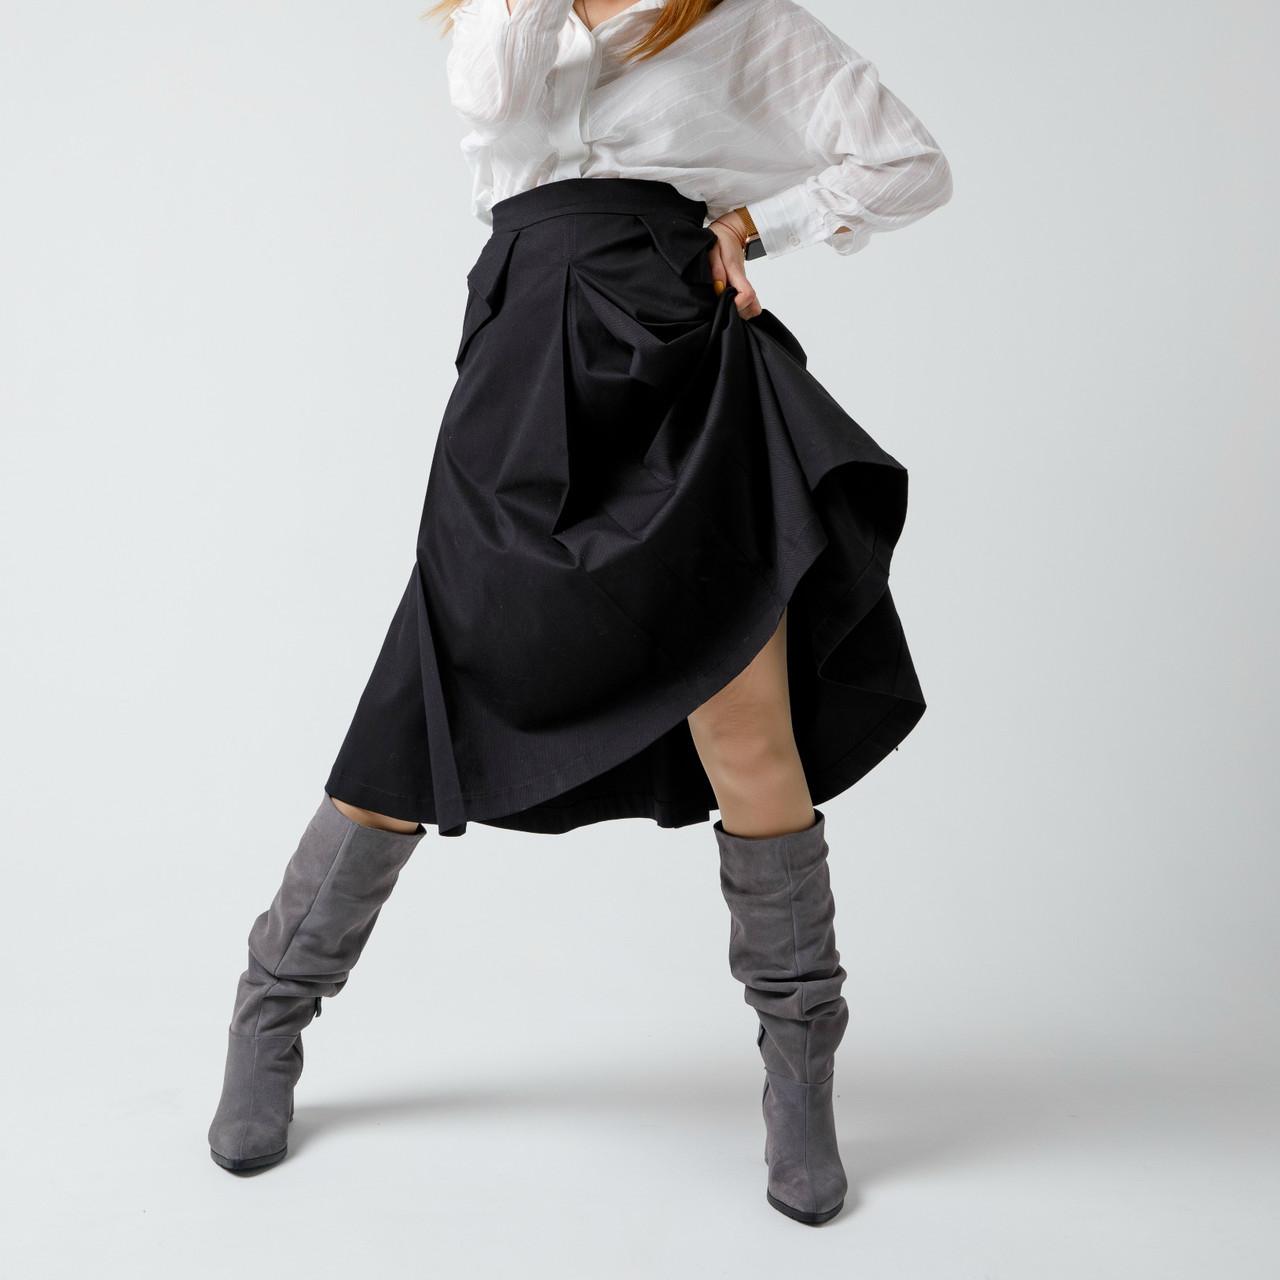 Замшевые серые женские сапоги-гармошки на среднем каблуке. Натуральная замша. Зима, деми.